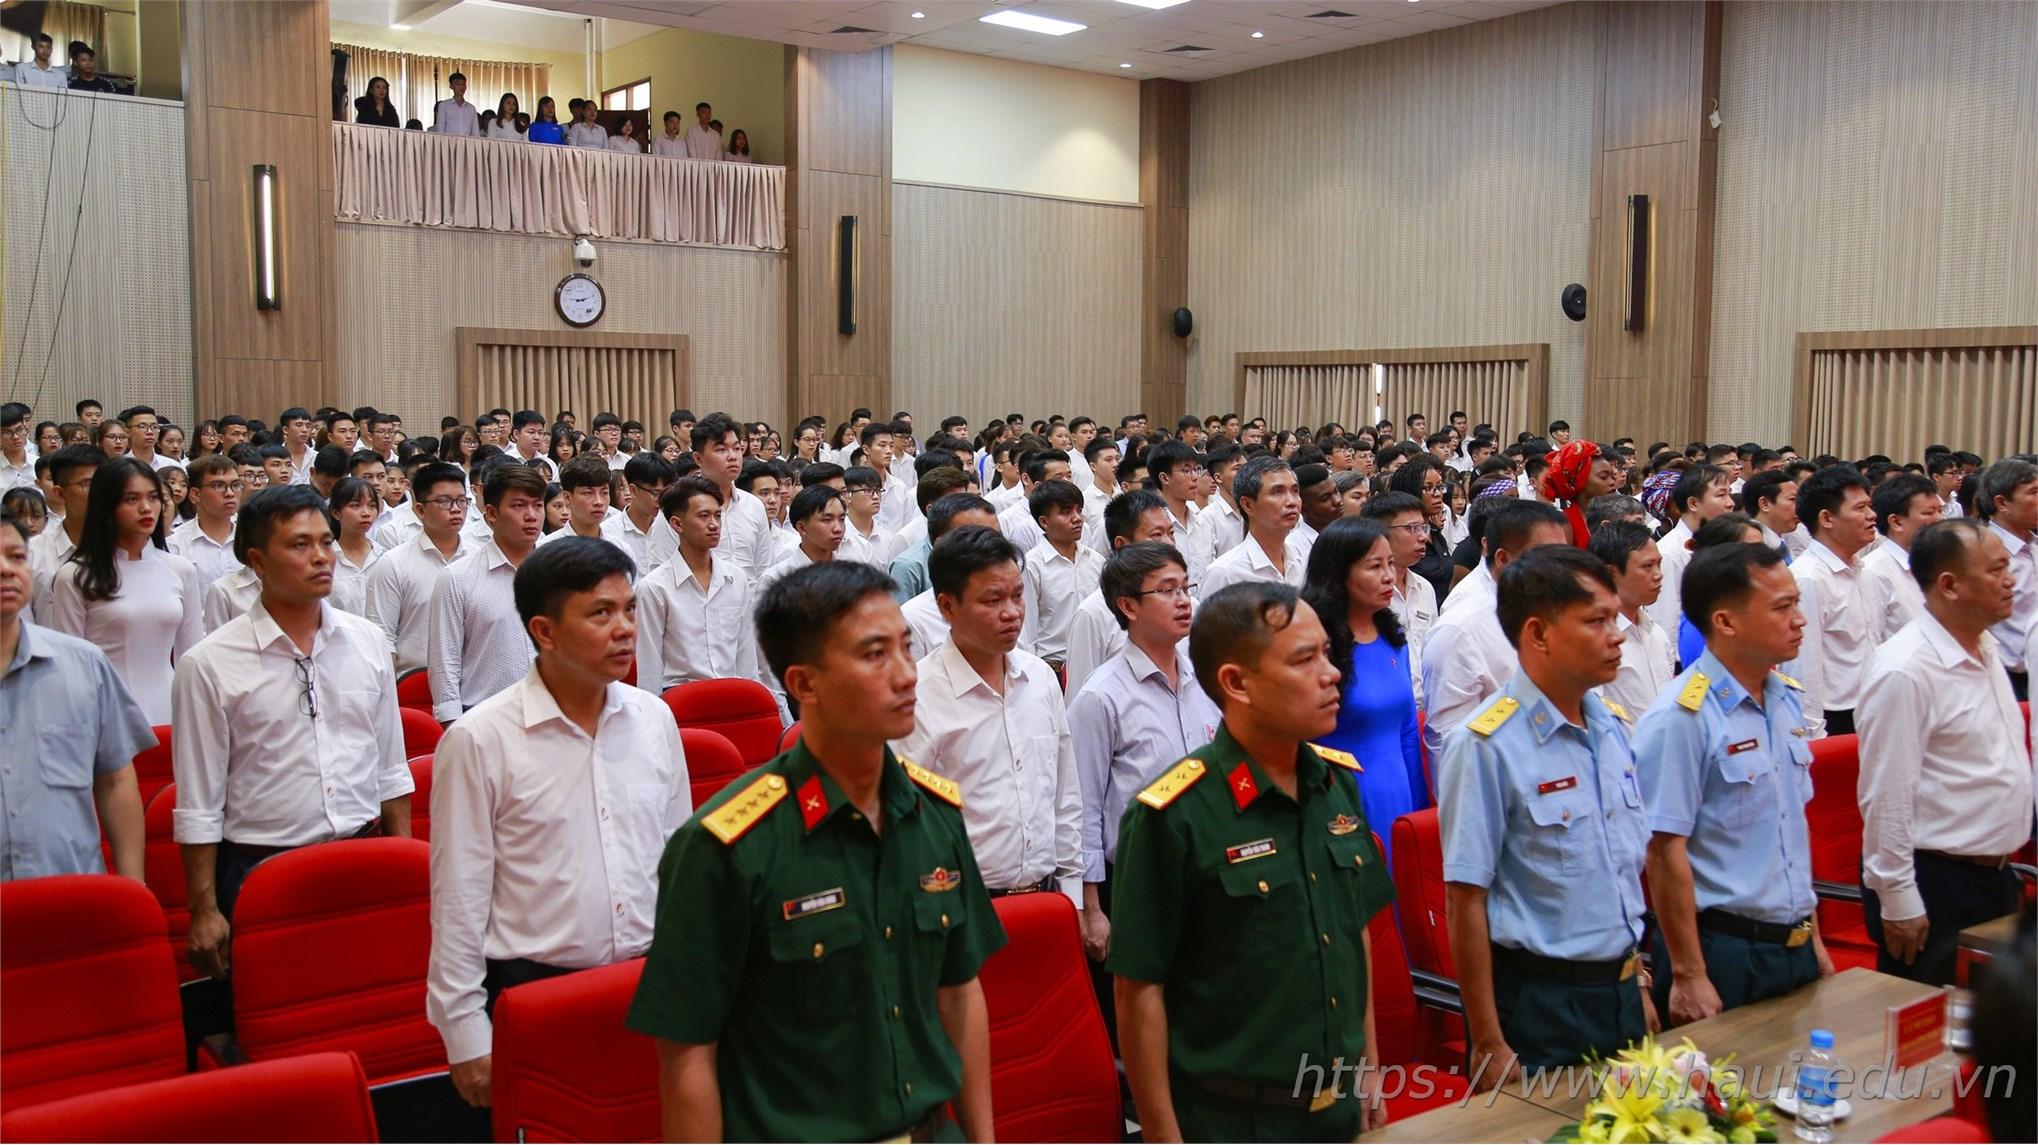 Đại học Công nghiệp Hà Nội tưng bừng khai giảng năm học 2019 - 2020